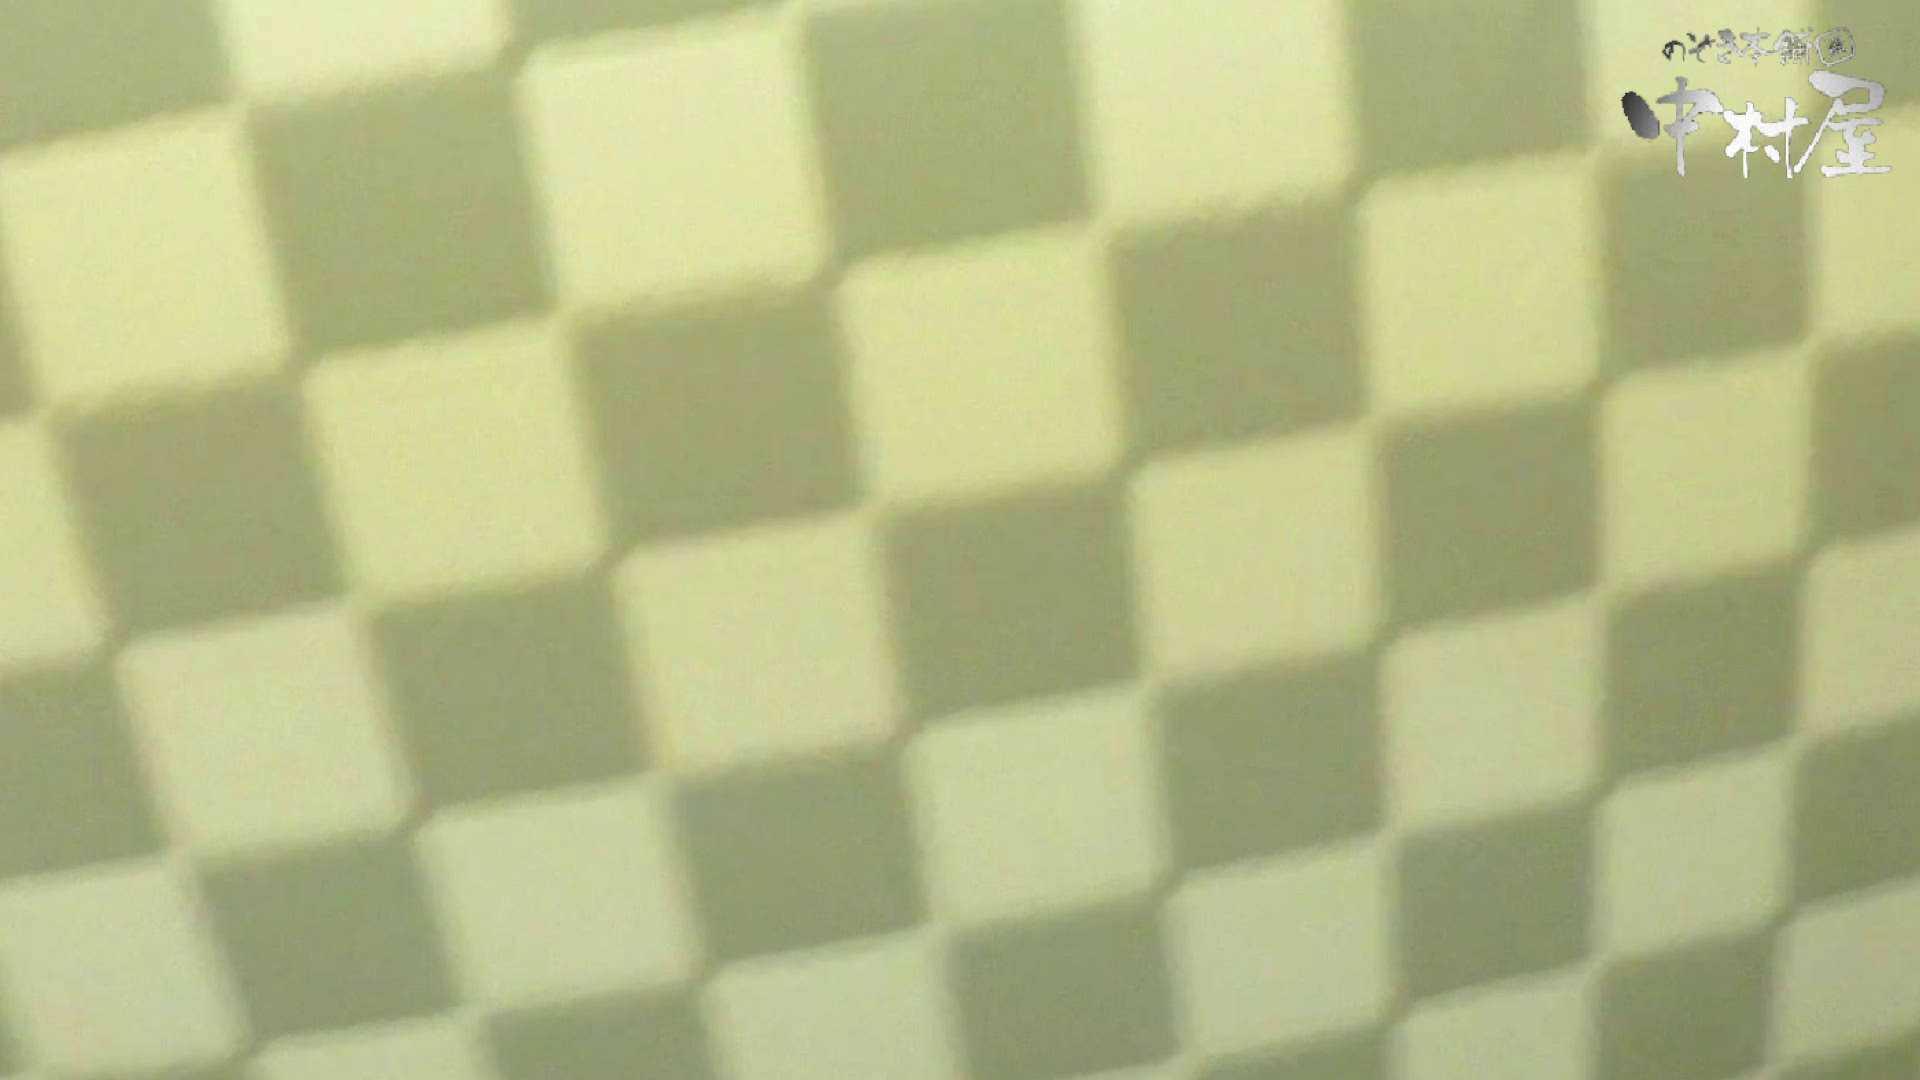 お待たせしました始動します‼雅さんの独断と偏見で集めた動画集 Vol.8 OLセックス  85画像 32